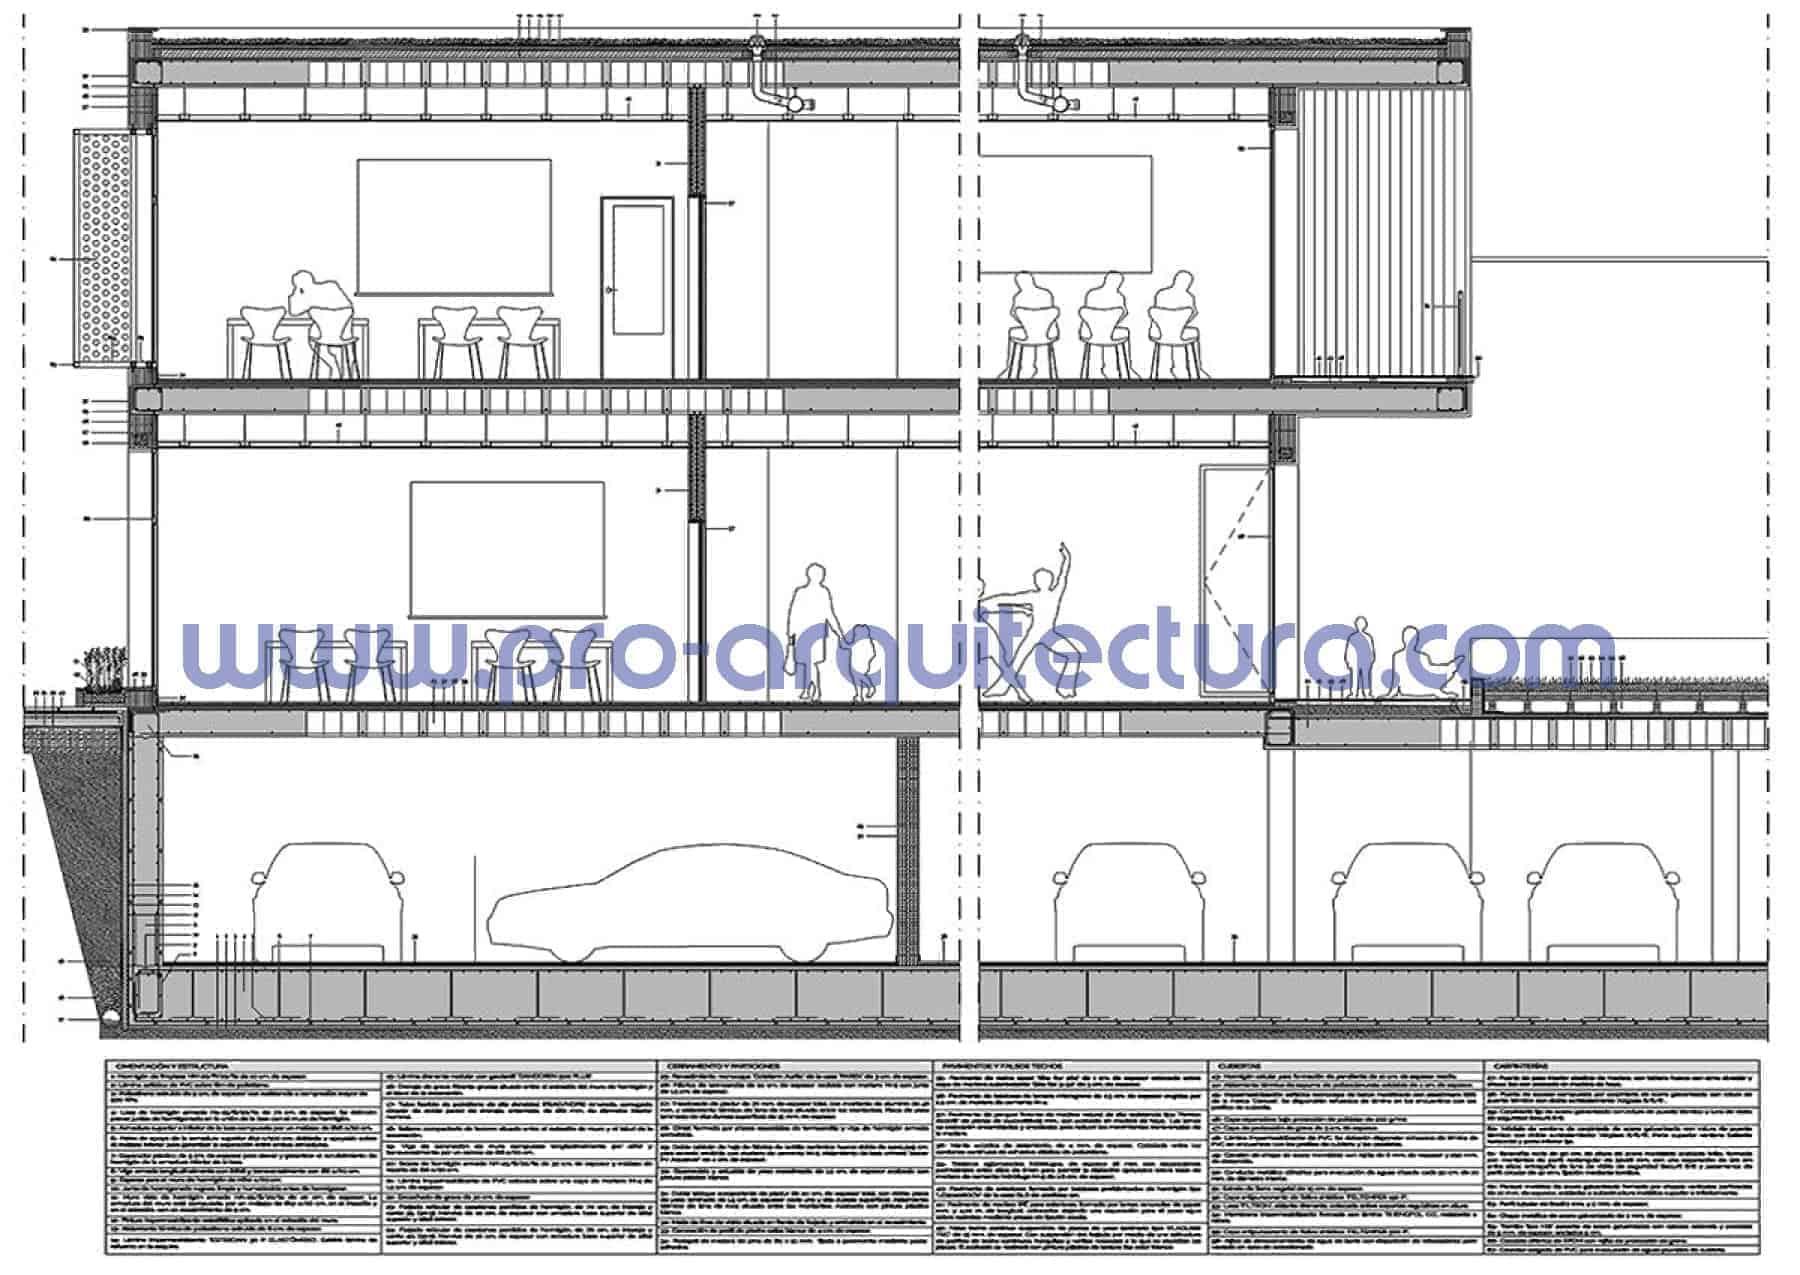 0009-02 Colegio de primaria - Sección y detalles constructivos - Ayuda con la entrega del pfc pfg tfg tfm de arquitectura.